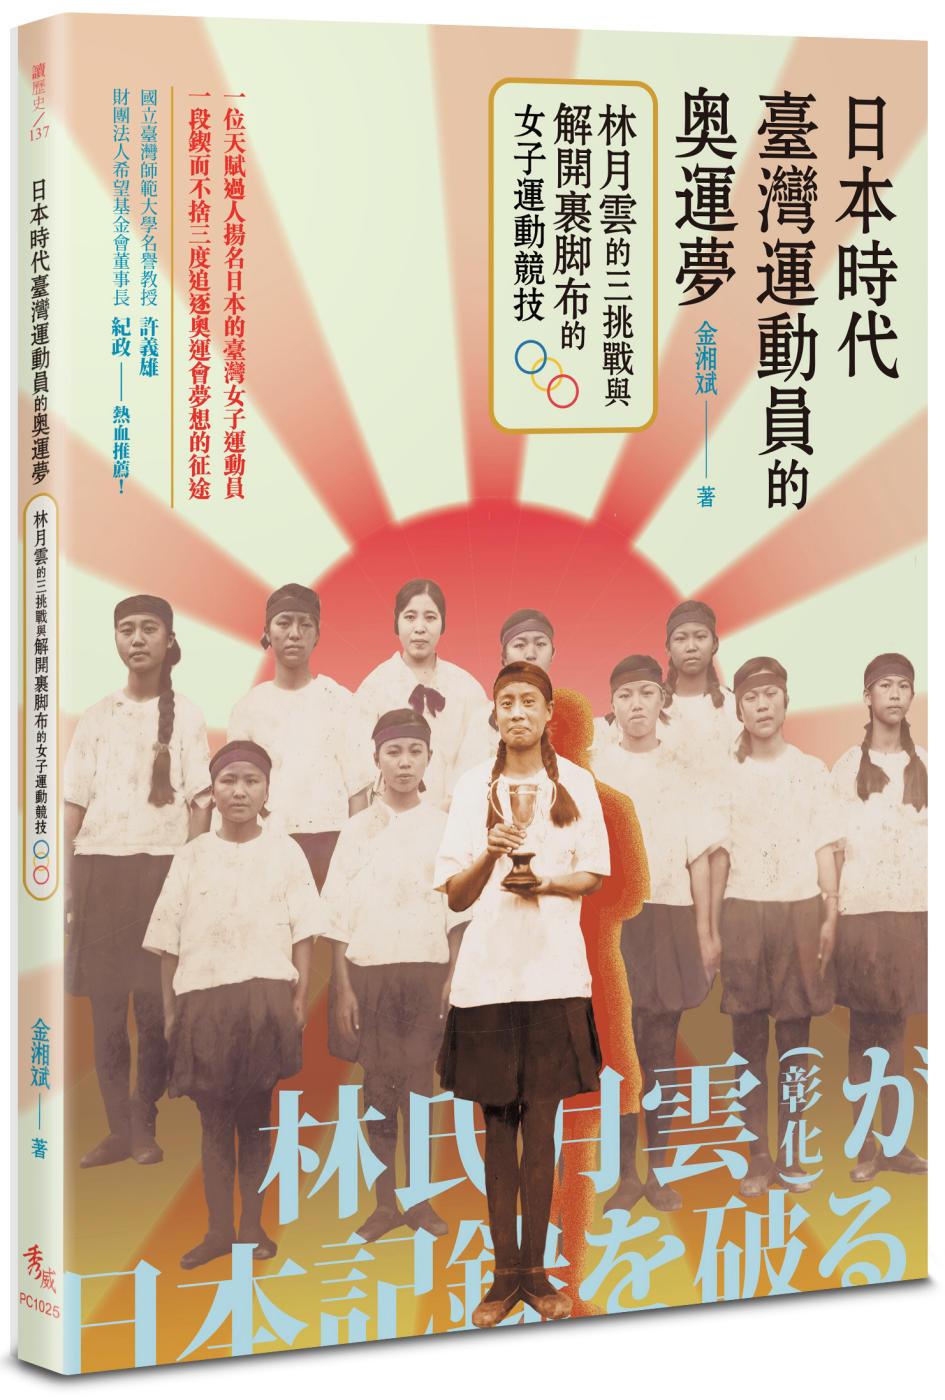 日本時代臺灣運動員的奧運夢:林...